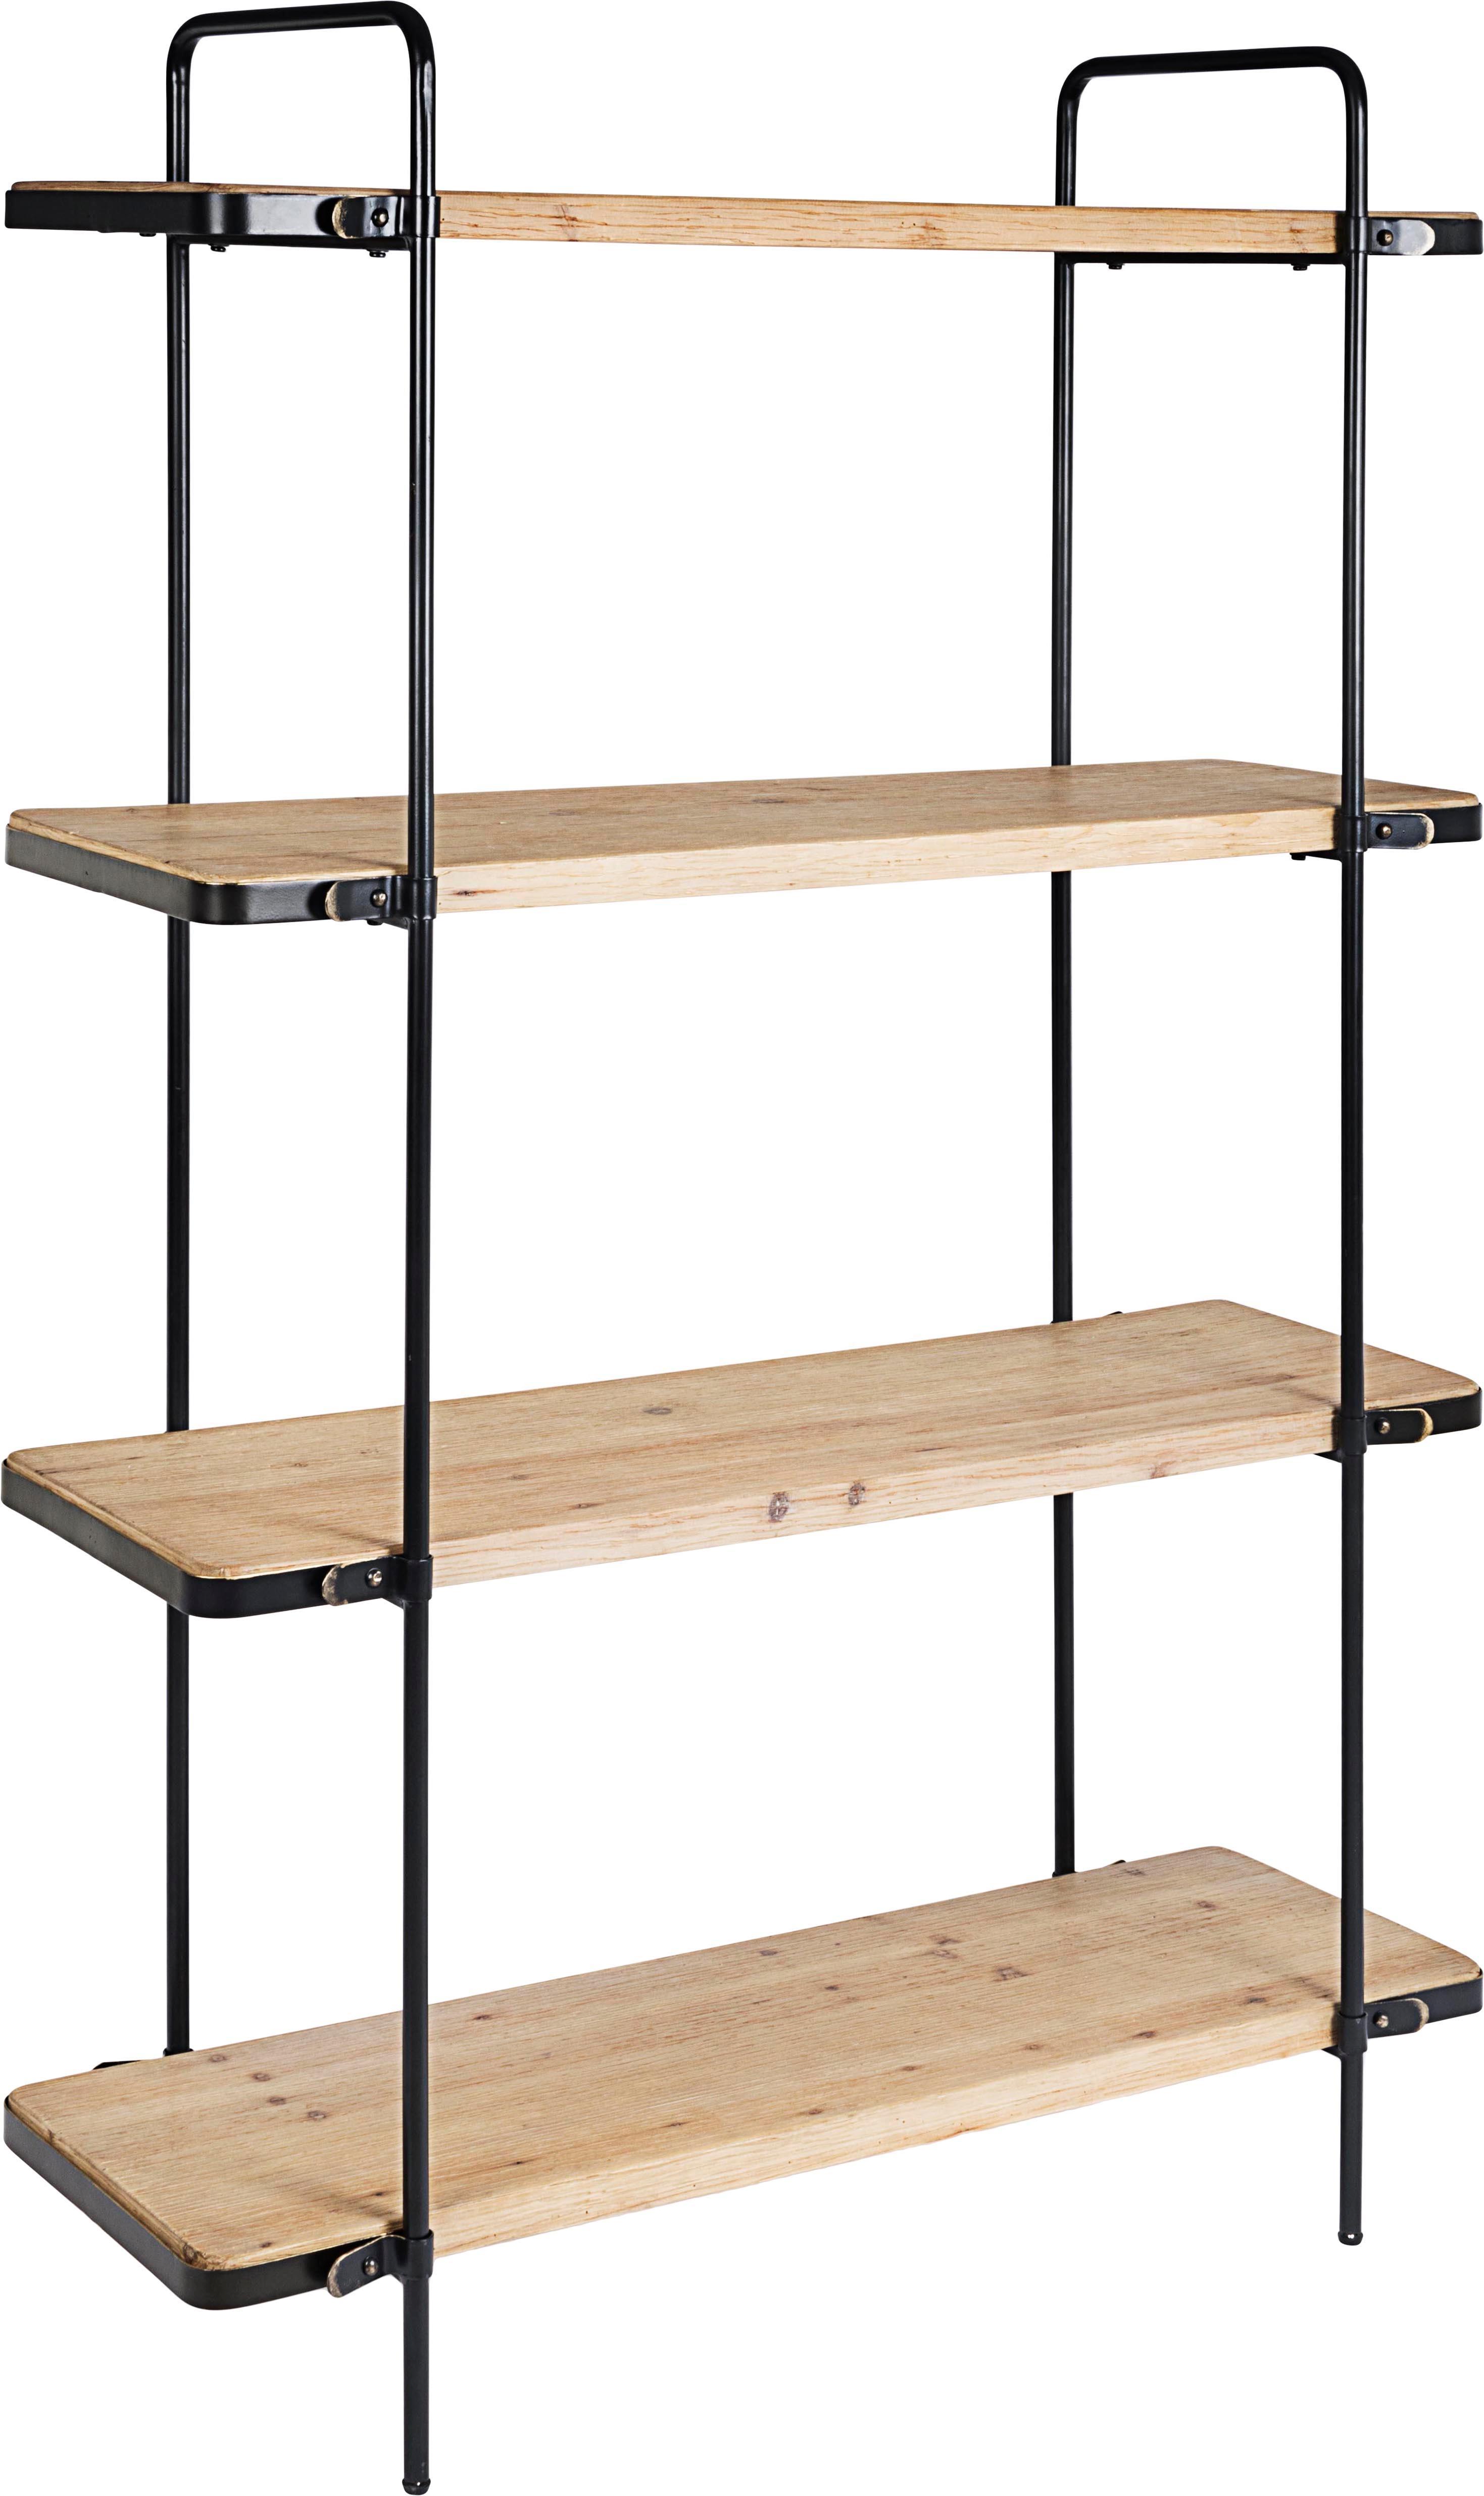 Estantería de madera y metal Jerrod, Estructura: metal epoxidado y con pin, Estantes: tablero de fibras de dens, Negro, marrón, An 122 x Al 180 cm